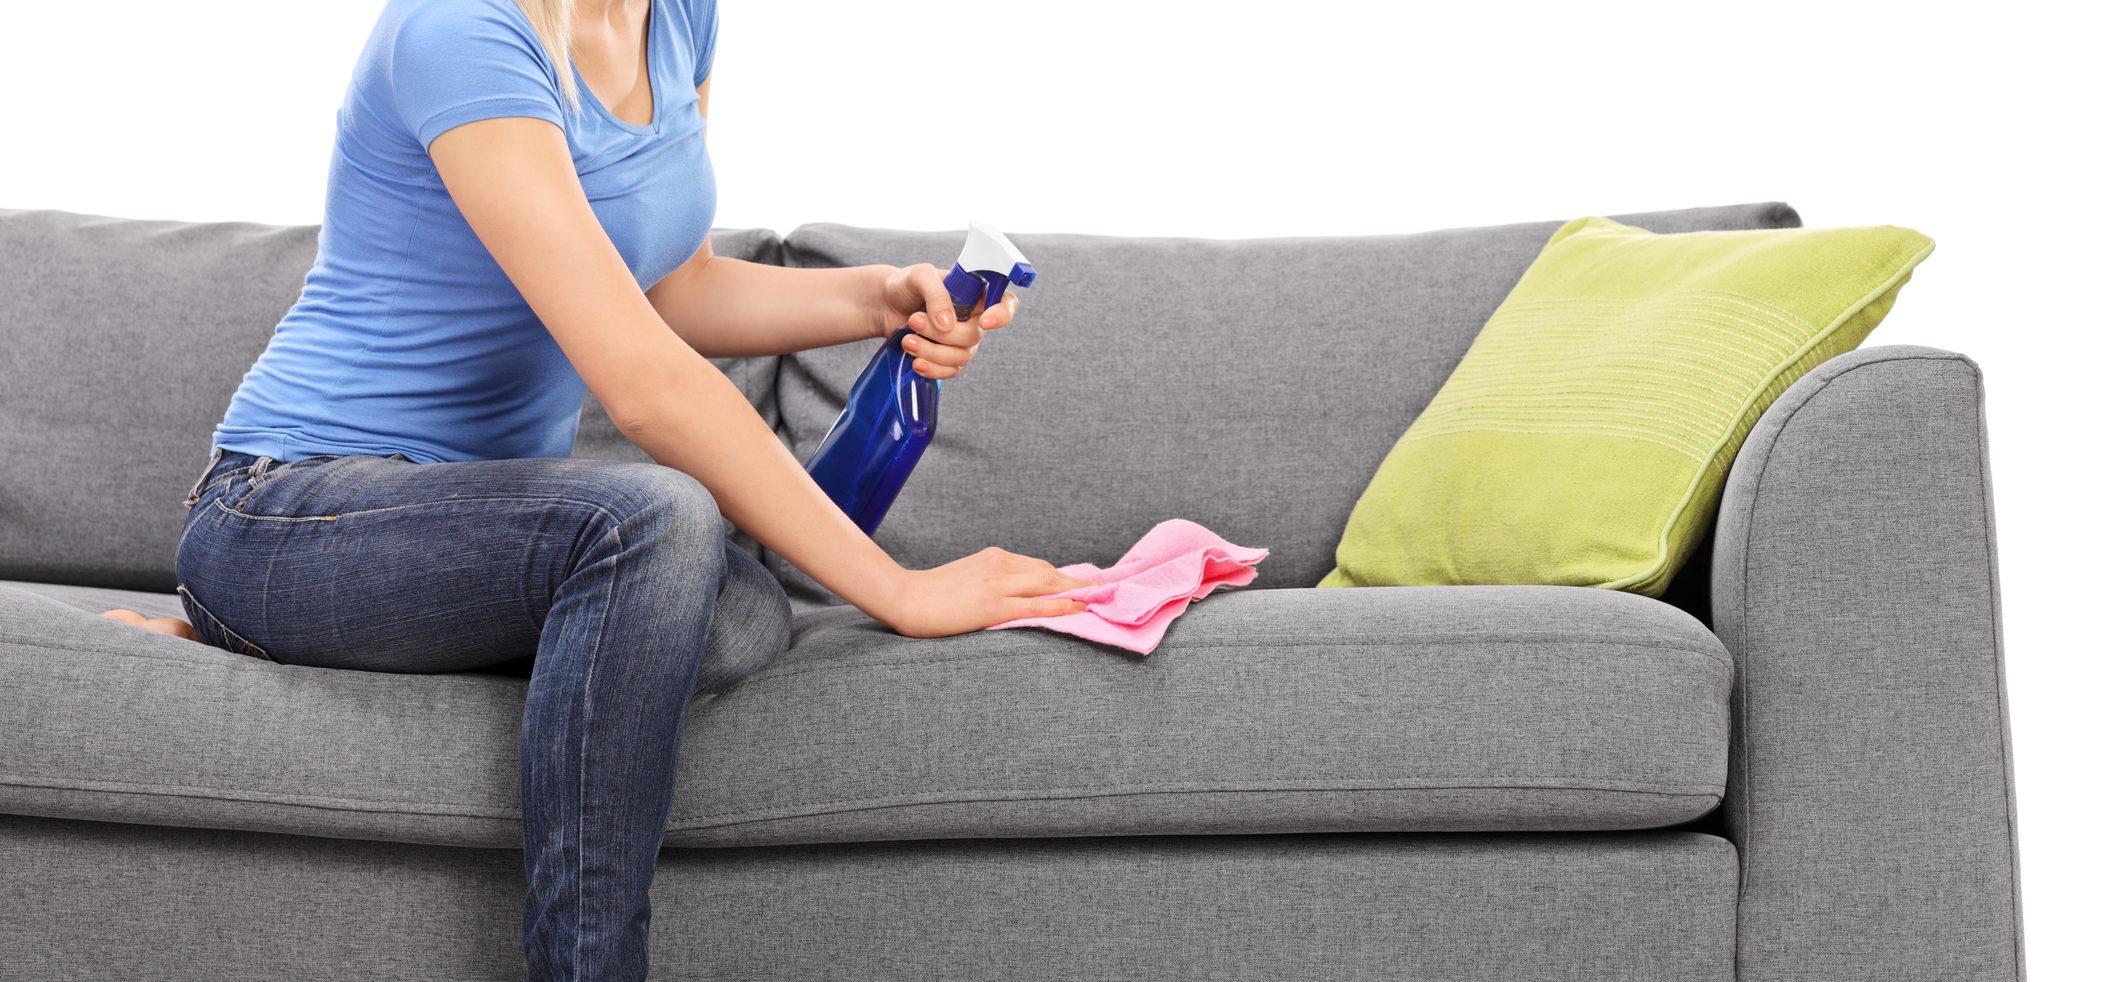 como limpar sofá de tecido muito sujo e encardido